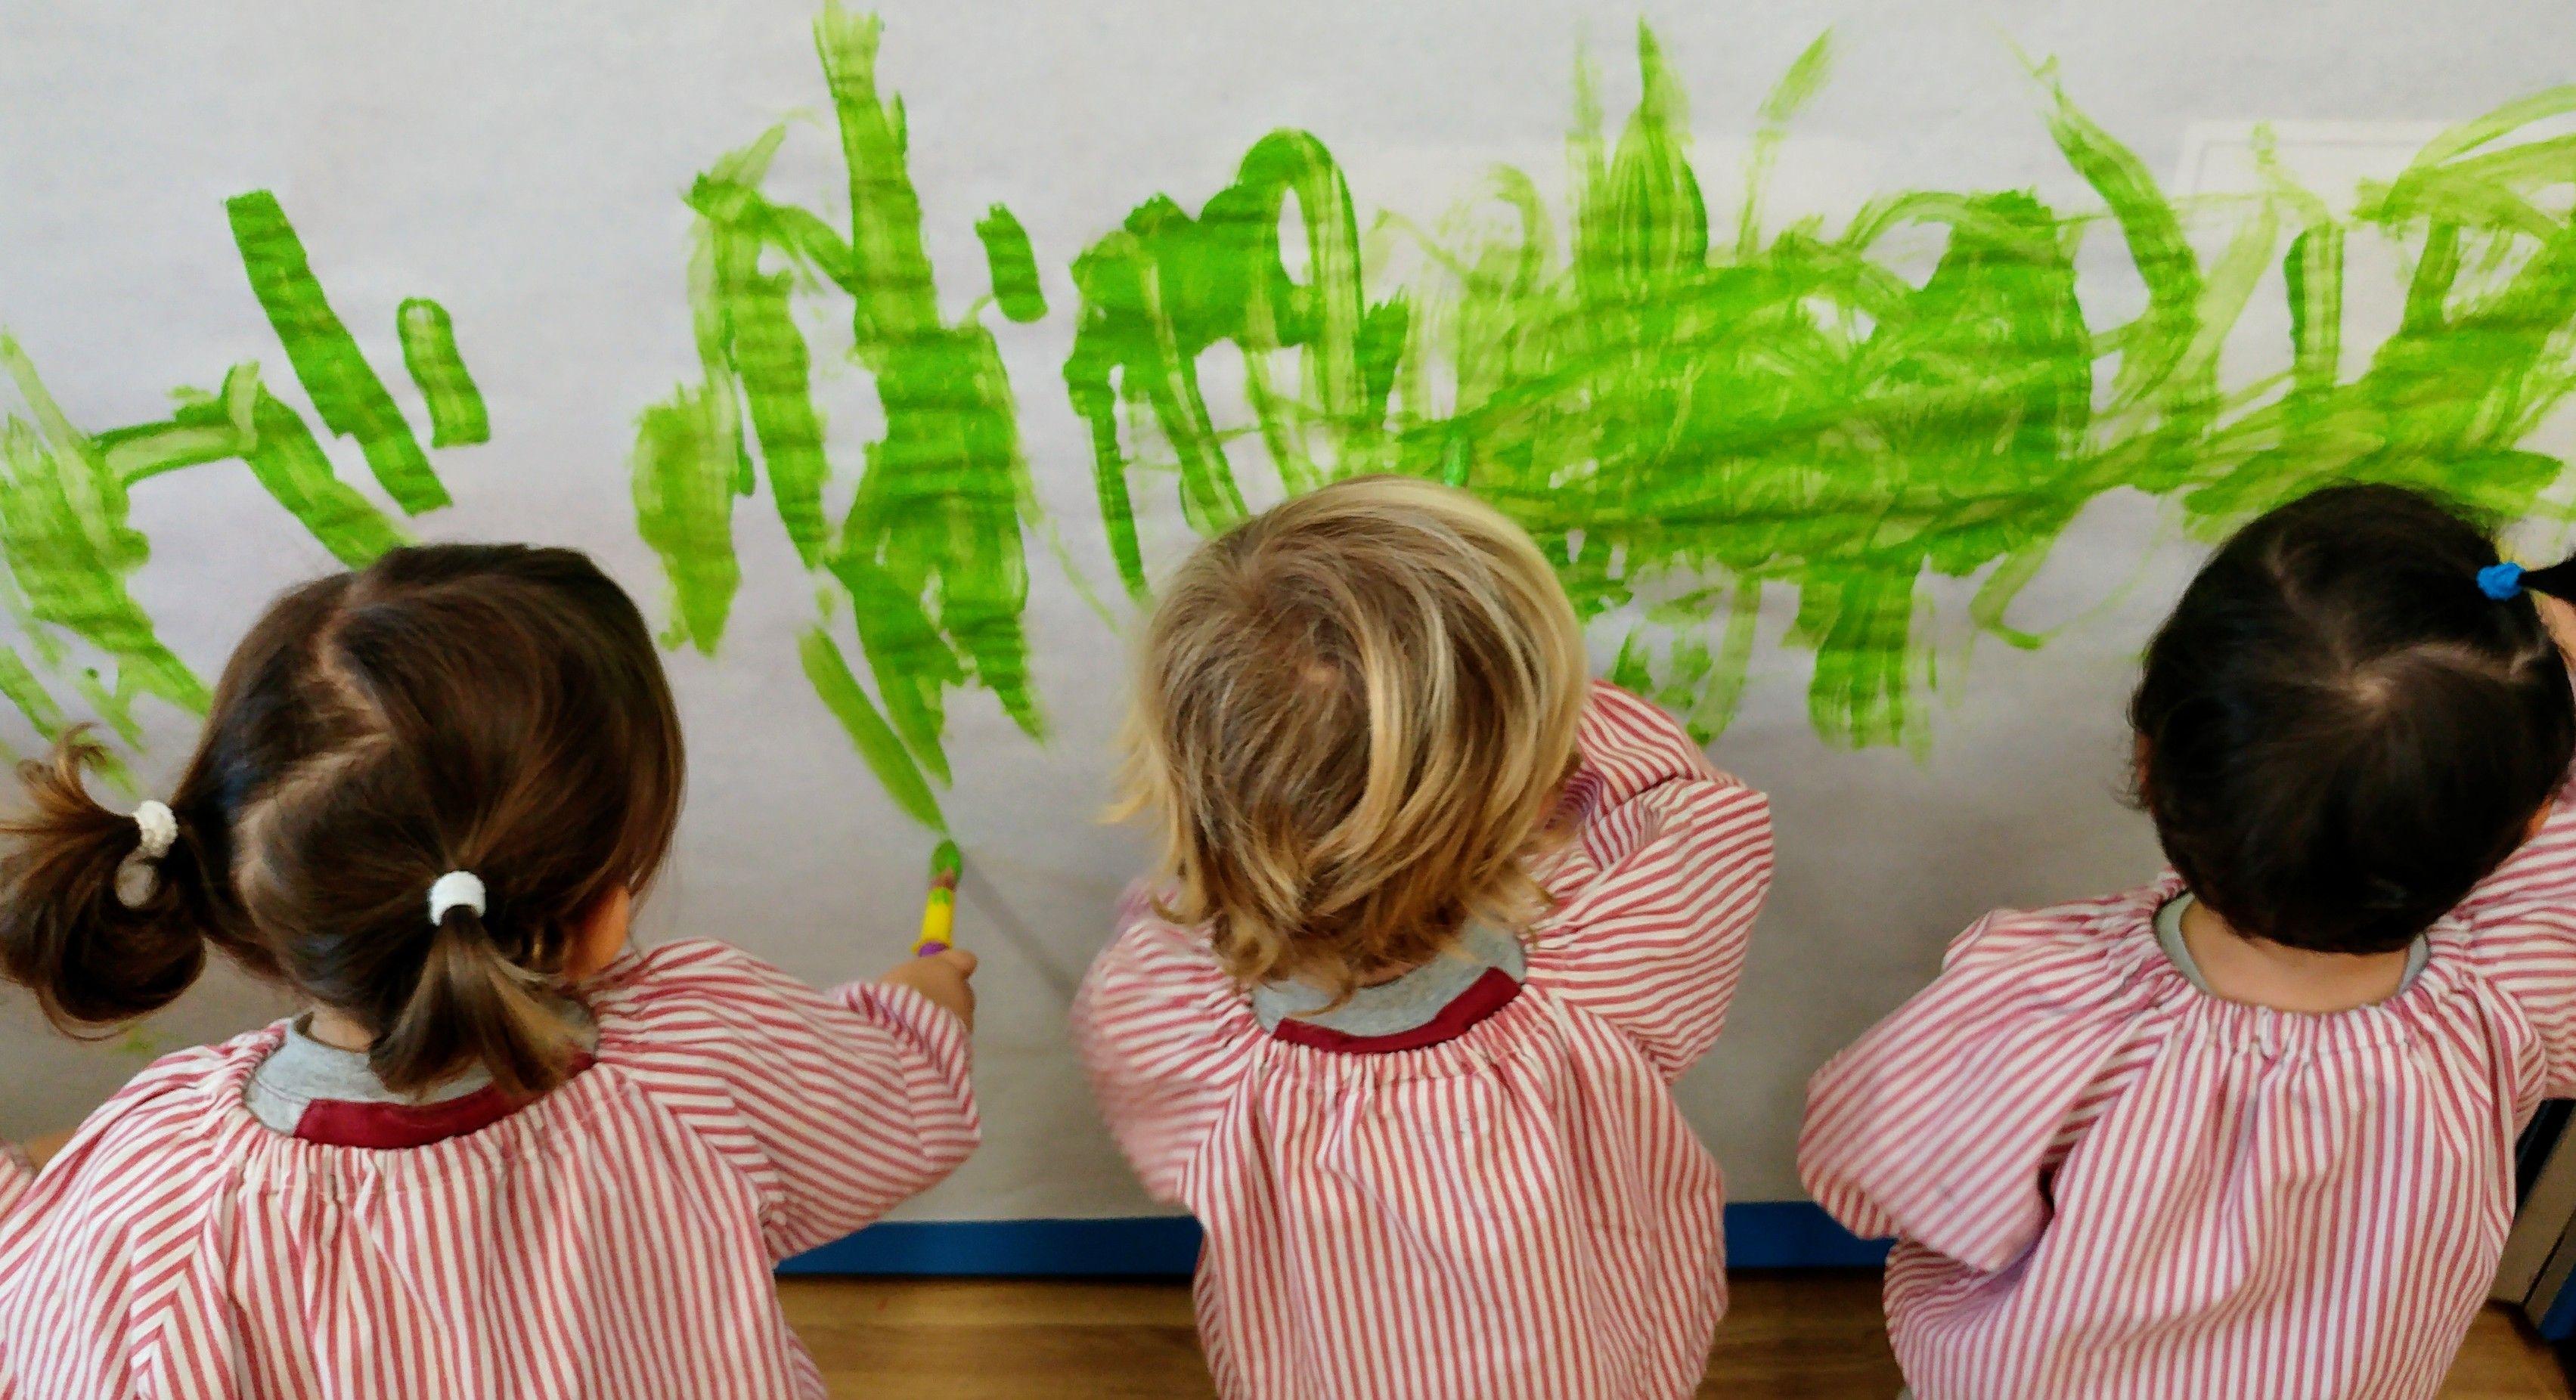 L'escola treballa pel desenvolupament afectiu, emocional, crític i creatiu dels infants FOTO: Cedida